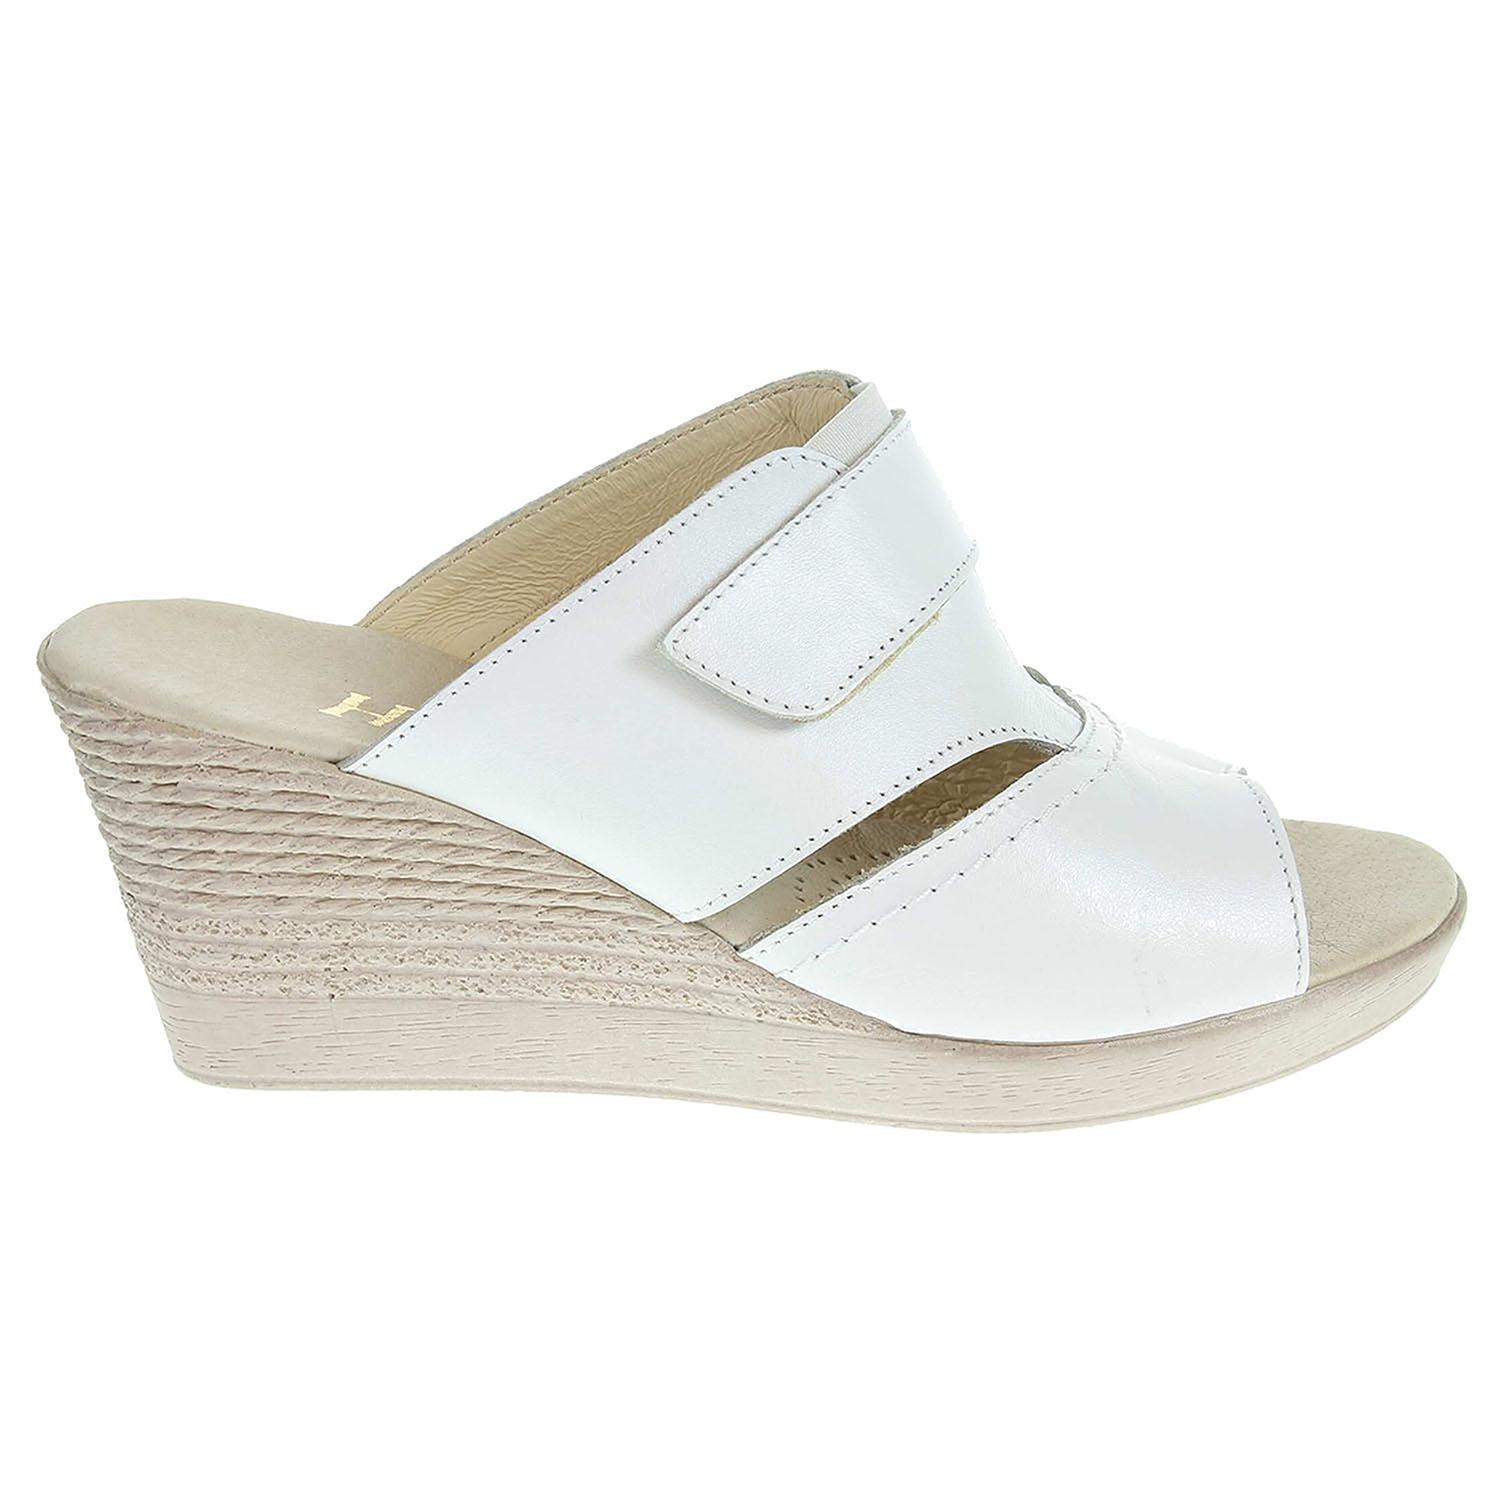 Ecco Dámské pantofle J3436 bílé 23600740